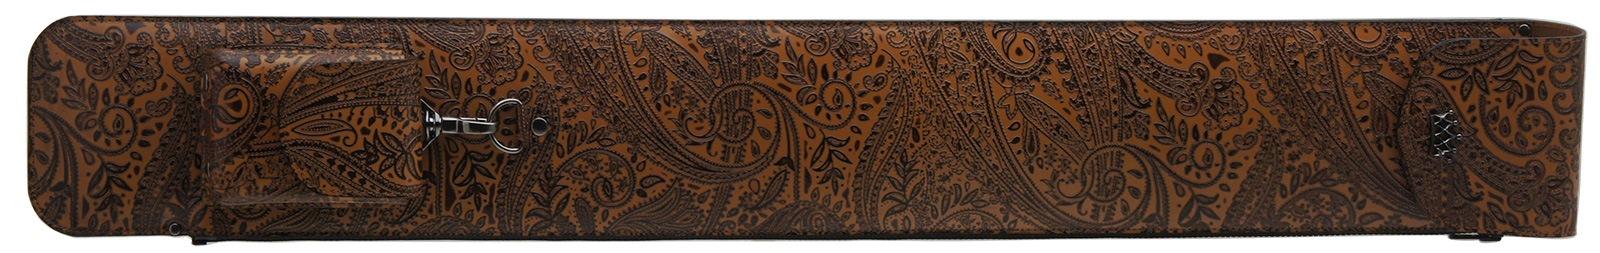 legend レジェンドケース1b2s ブラウン  ポケットショルダー付 商品画像